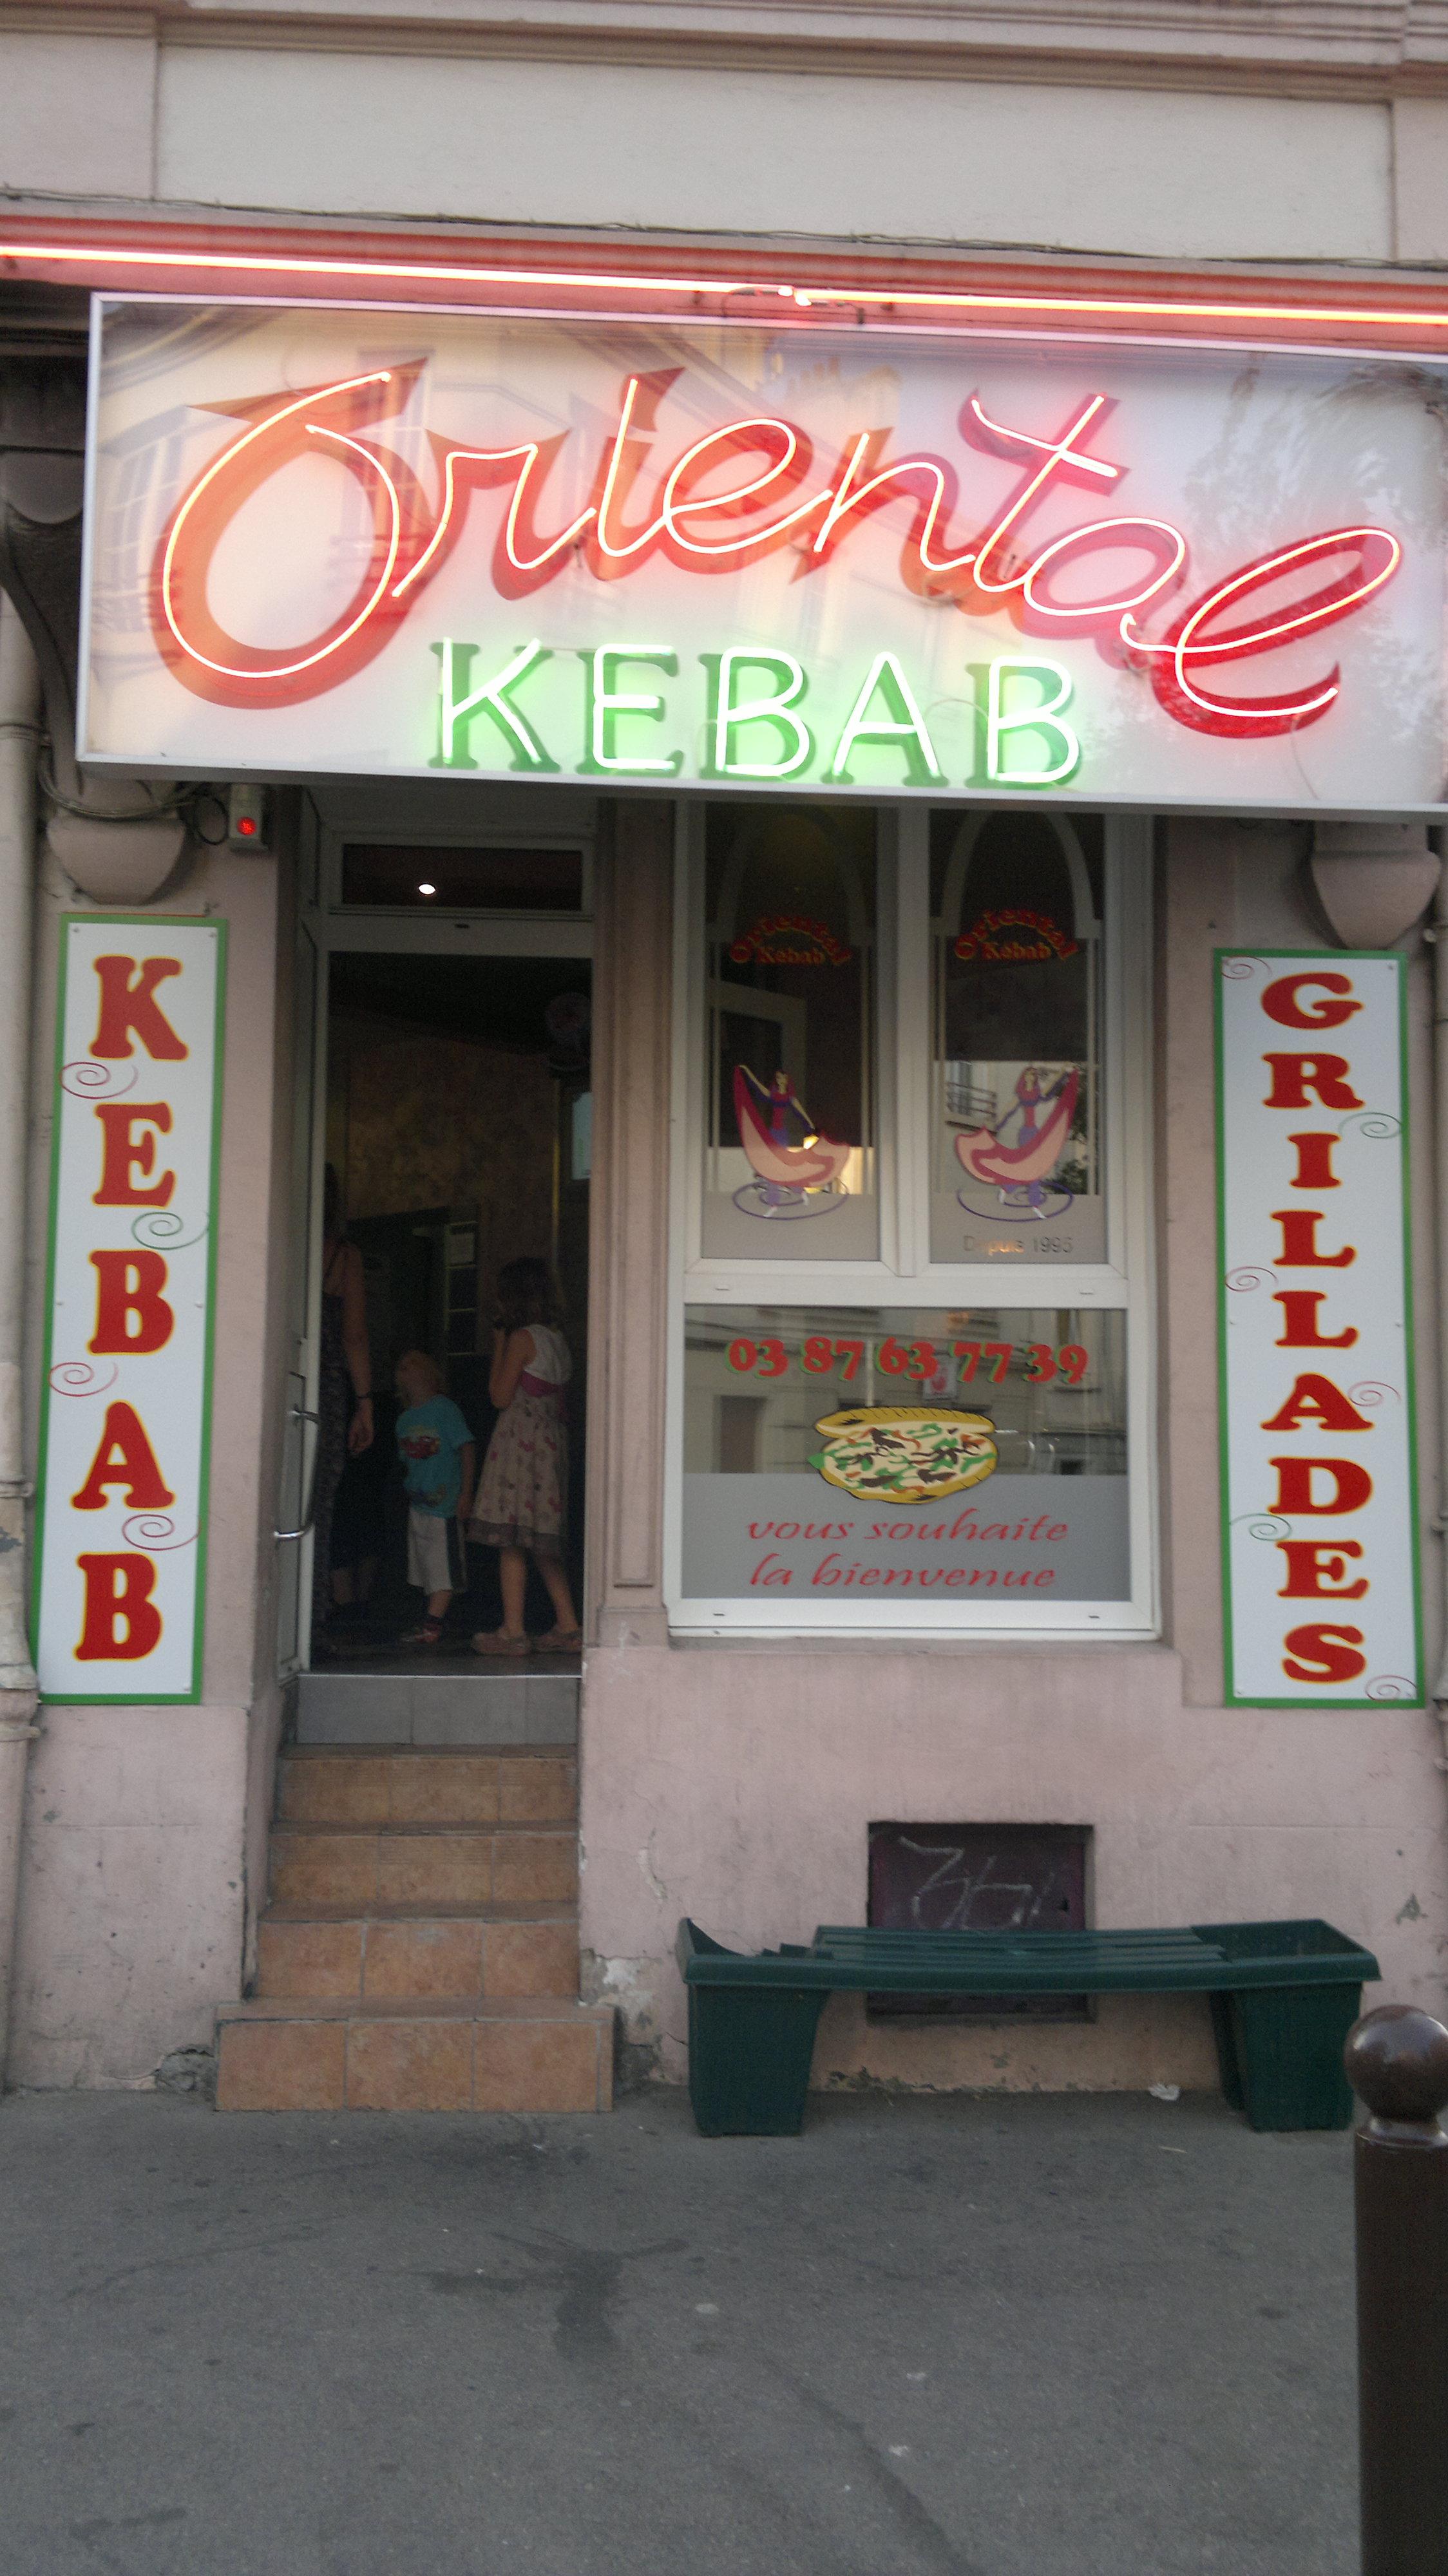 Oriental kebab